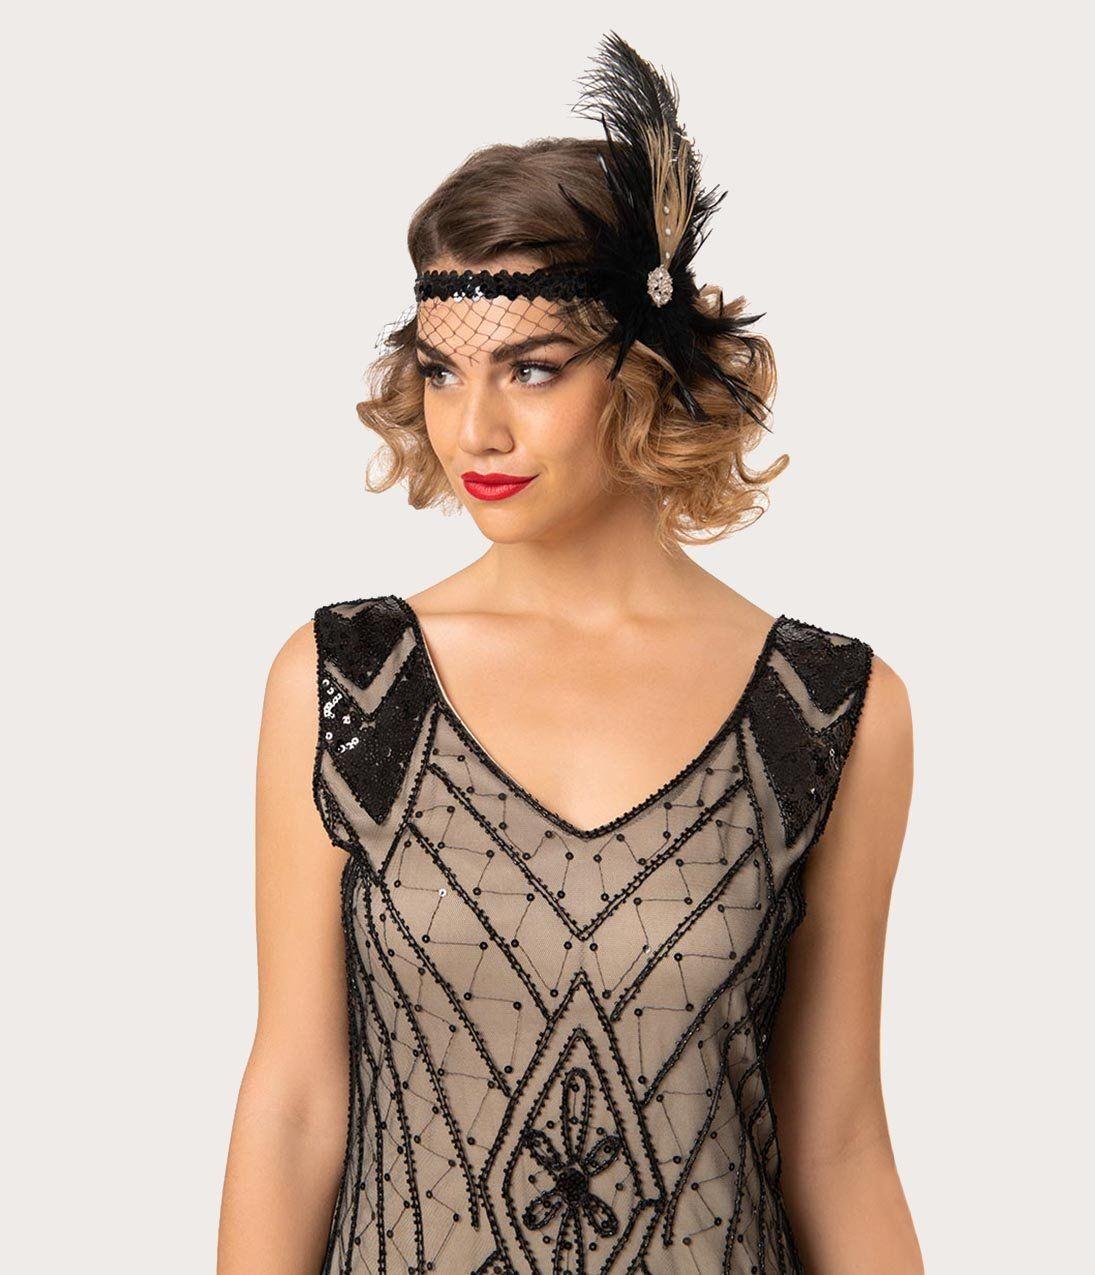 Plus Size 1920s Deco Silver & Black Veronique Fringe Flapper Dress #1920shairstyles